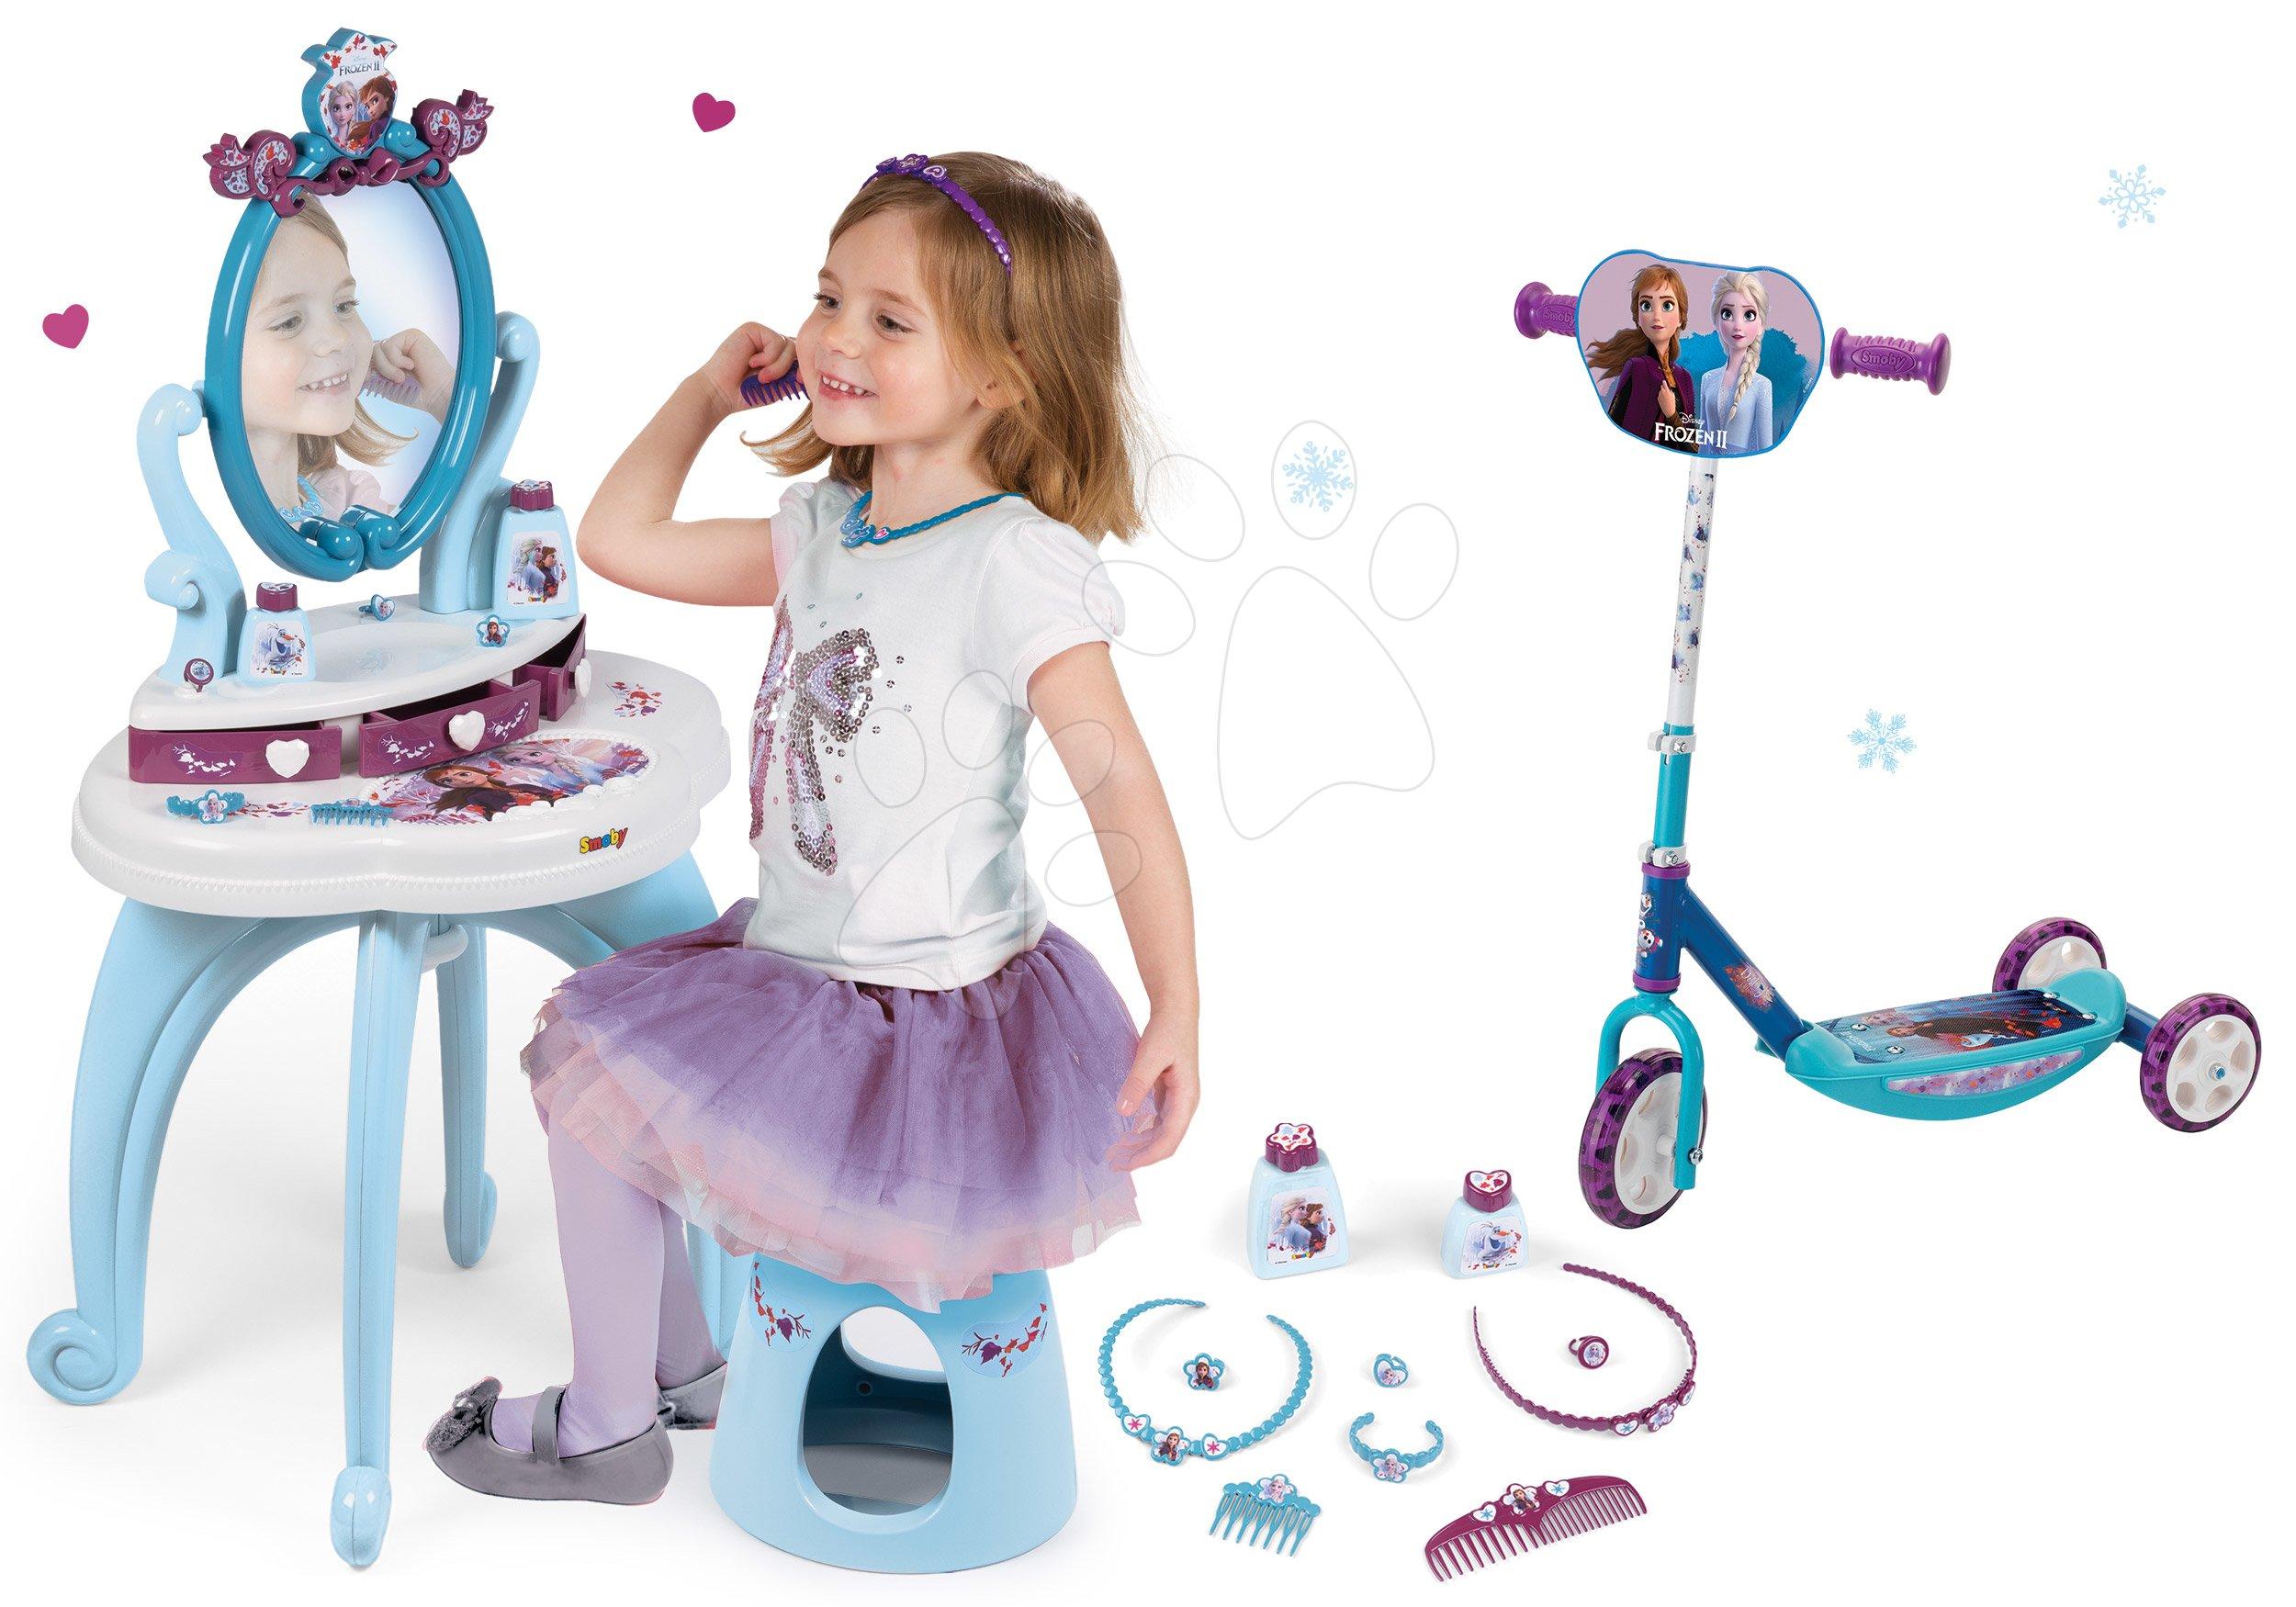 Smoby detský kozmetický stolík a kolobežka Frozen 320214-6